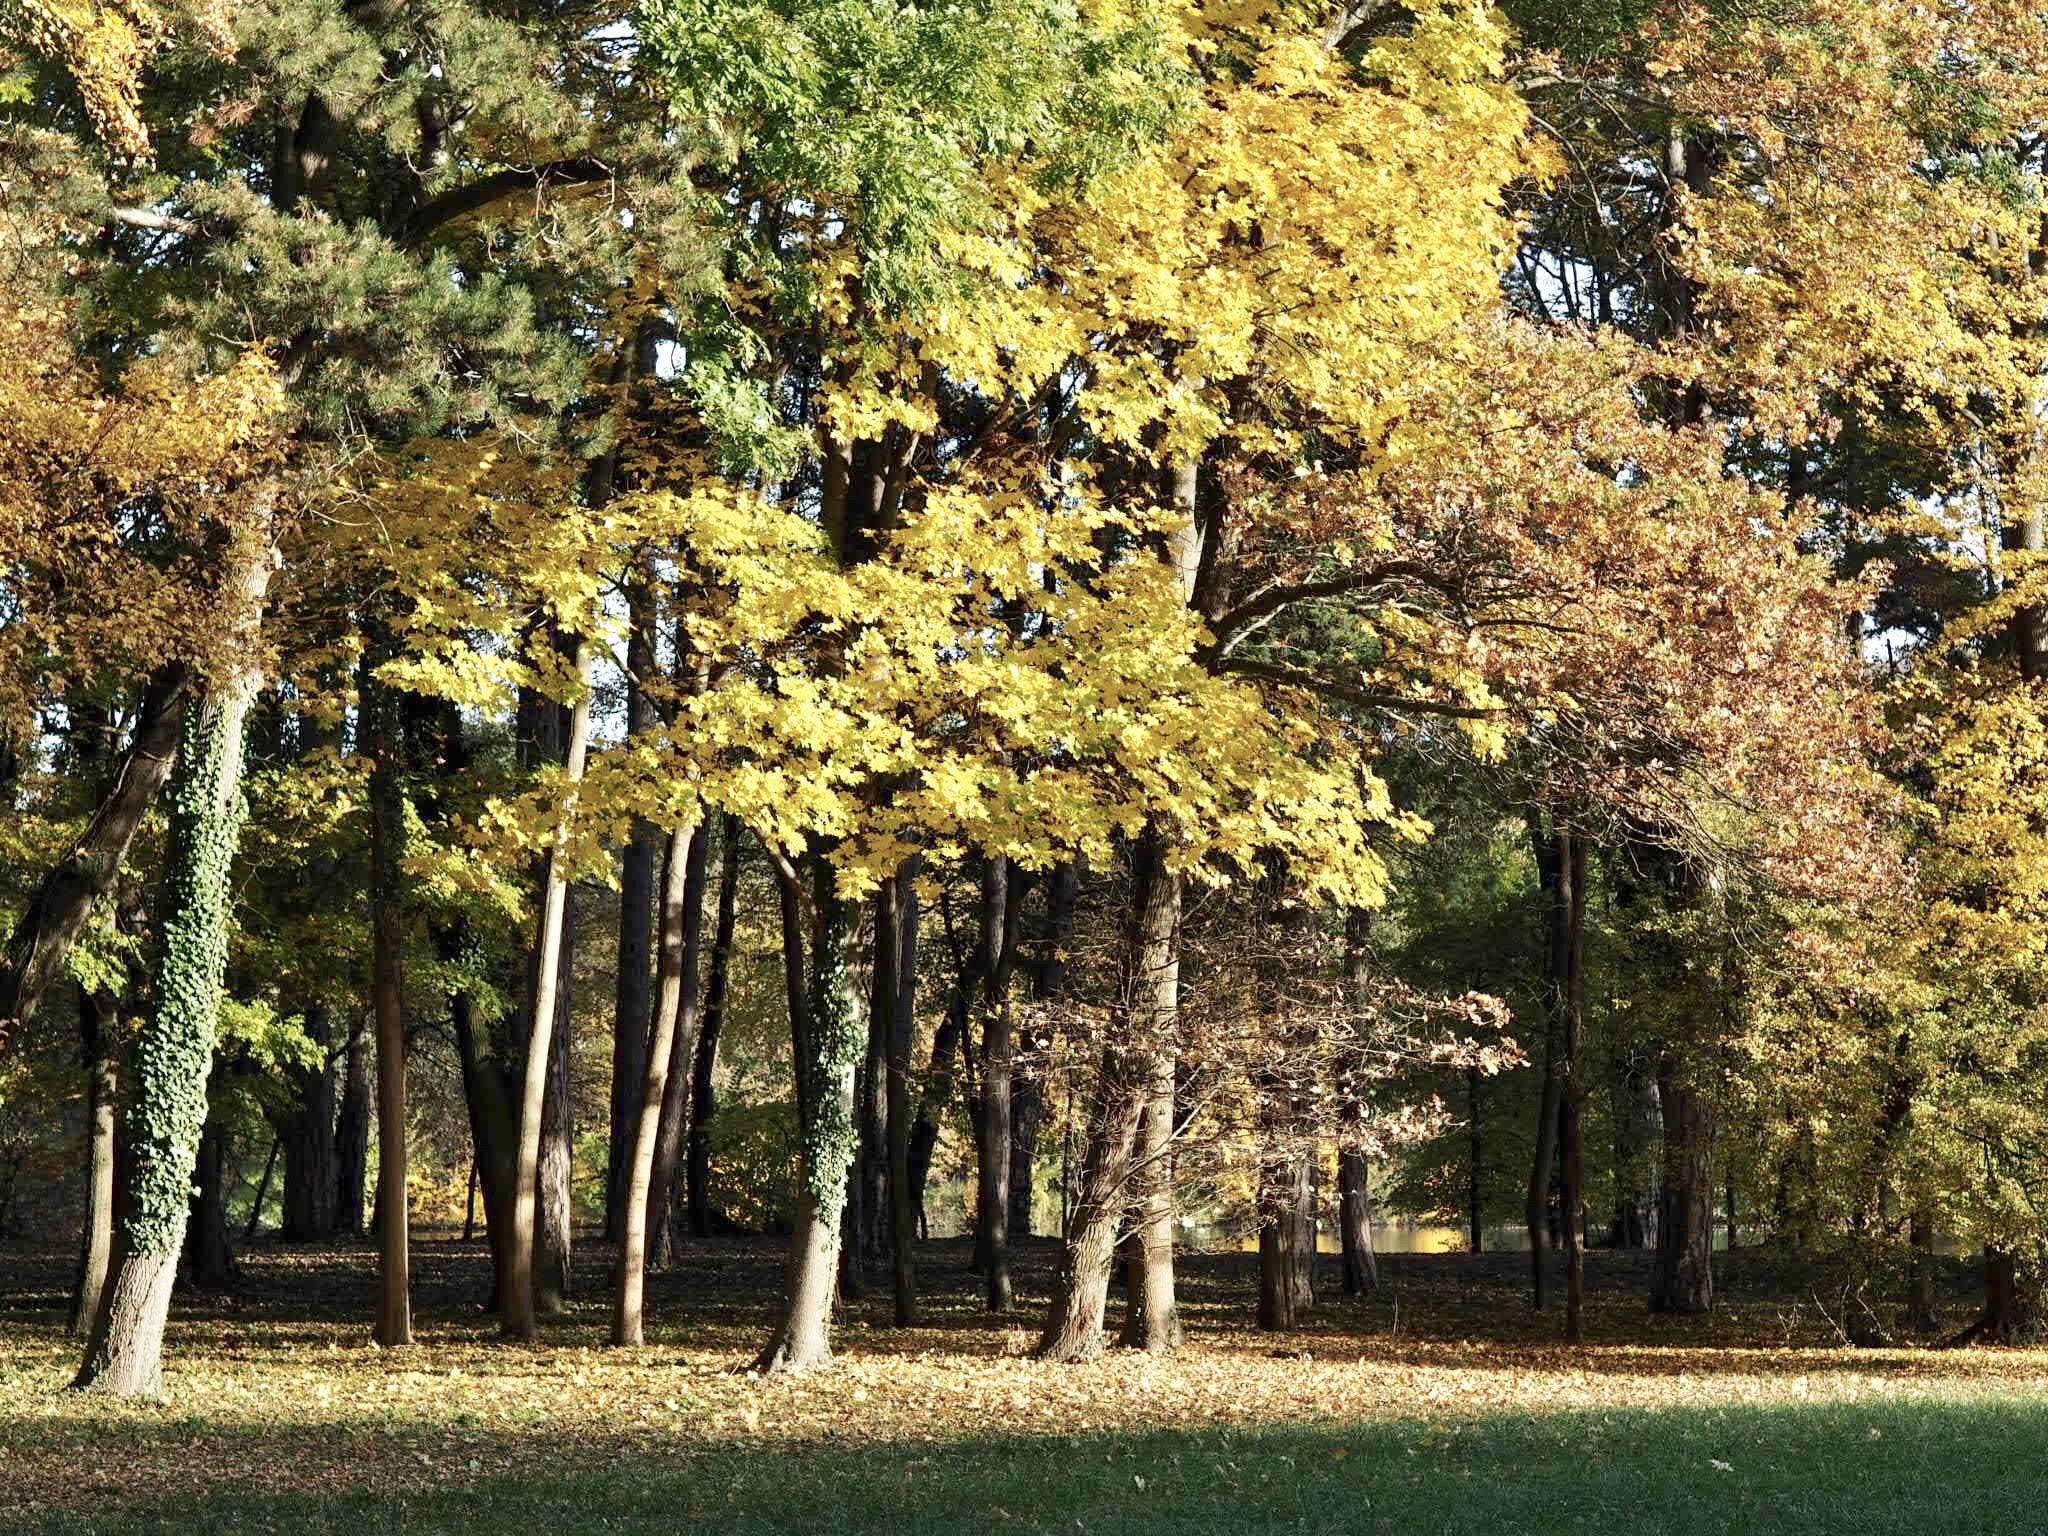 5 Wege, um einen tristen Herbsttag besser zu machen